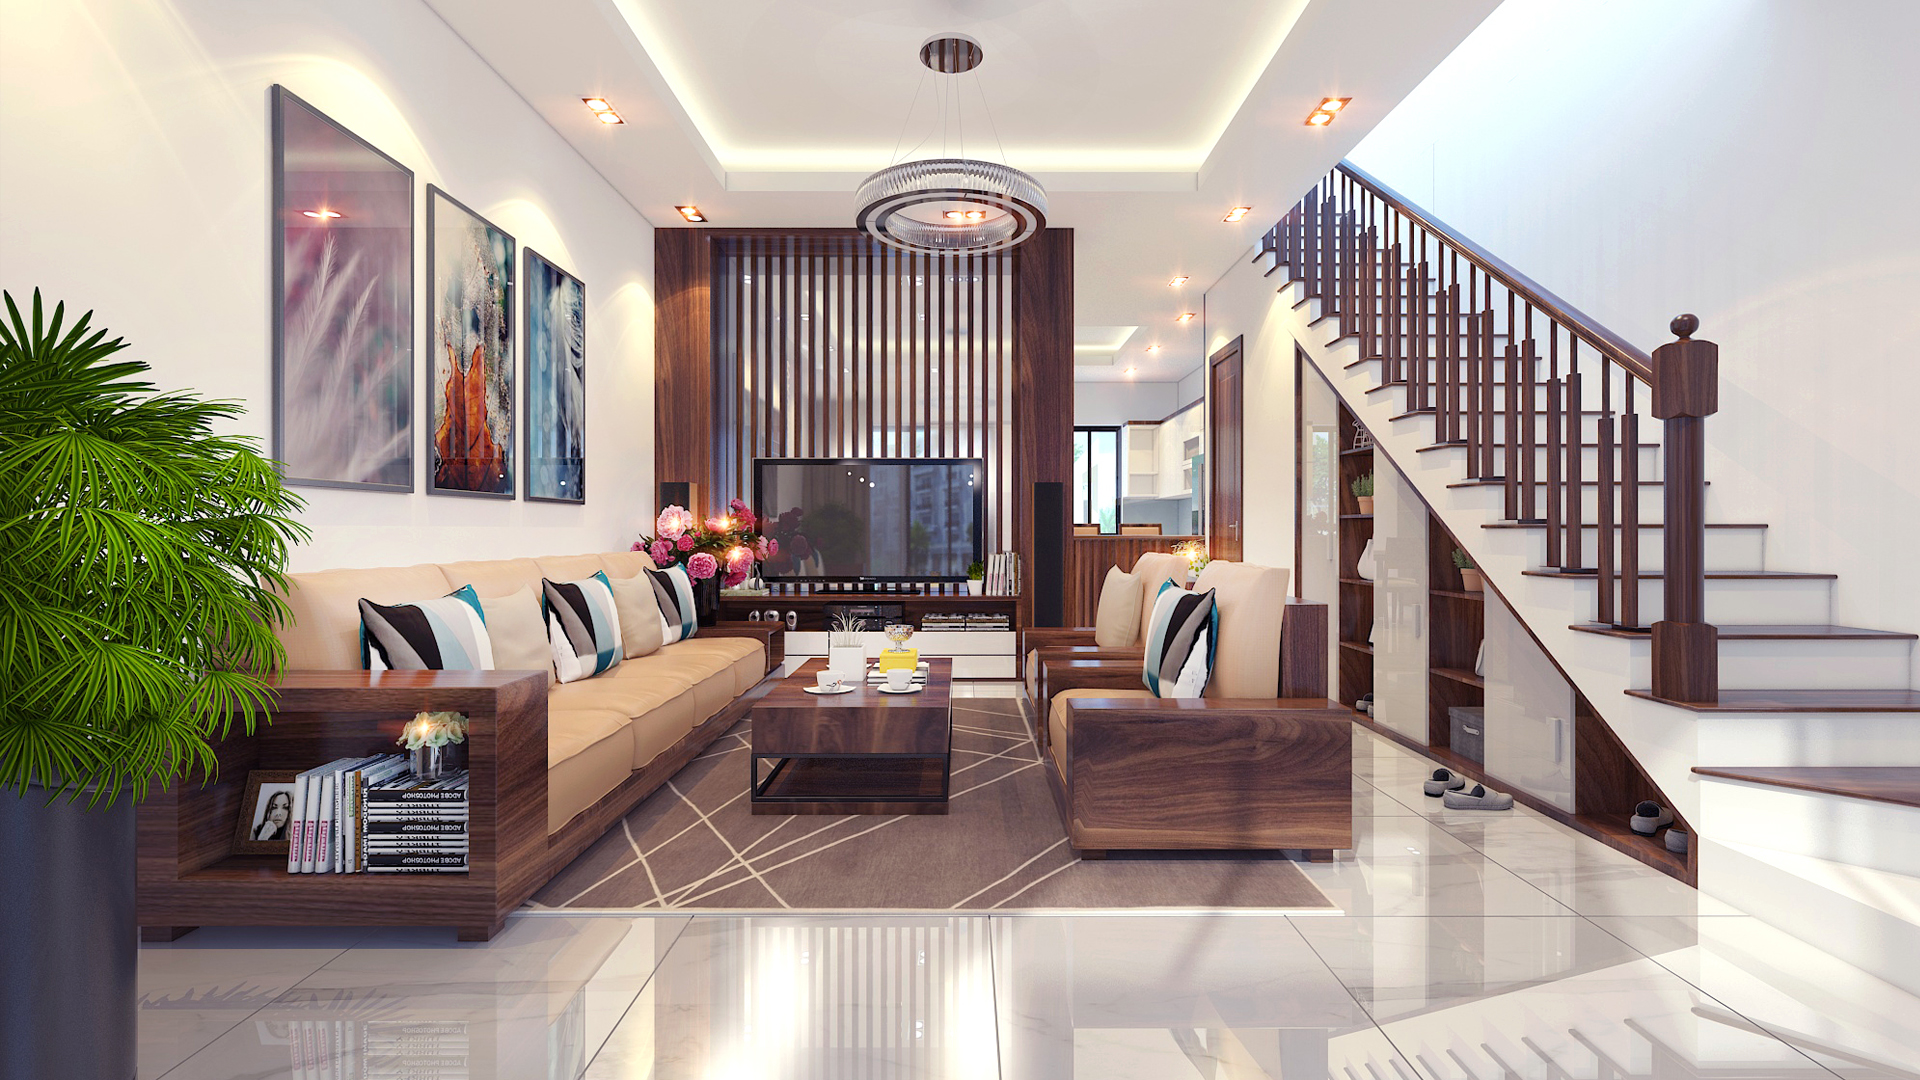 Thiết kế thi công nội thất nhà phố Tây Hồ – Hà Nội